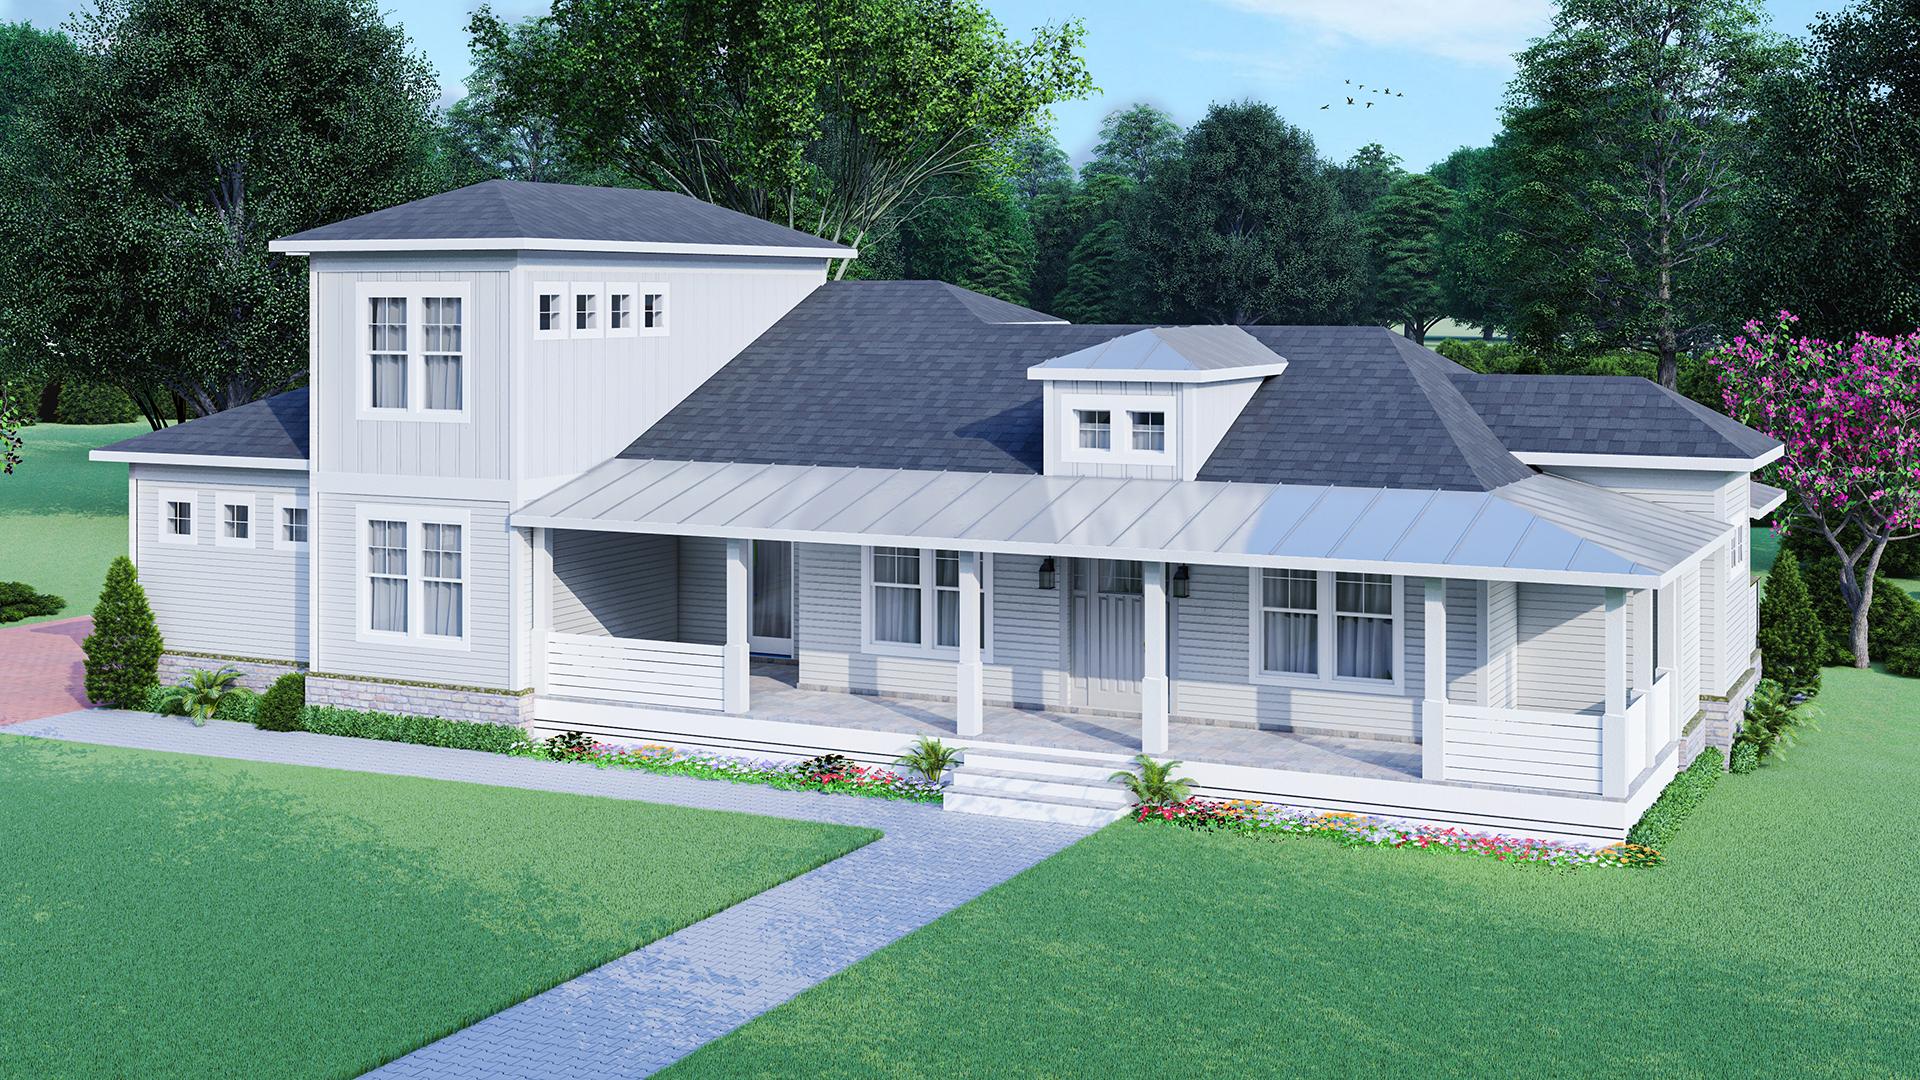 Belleair Home Plan